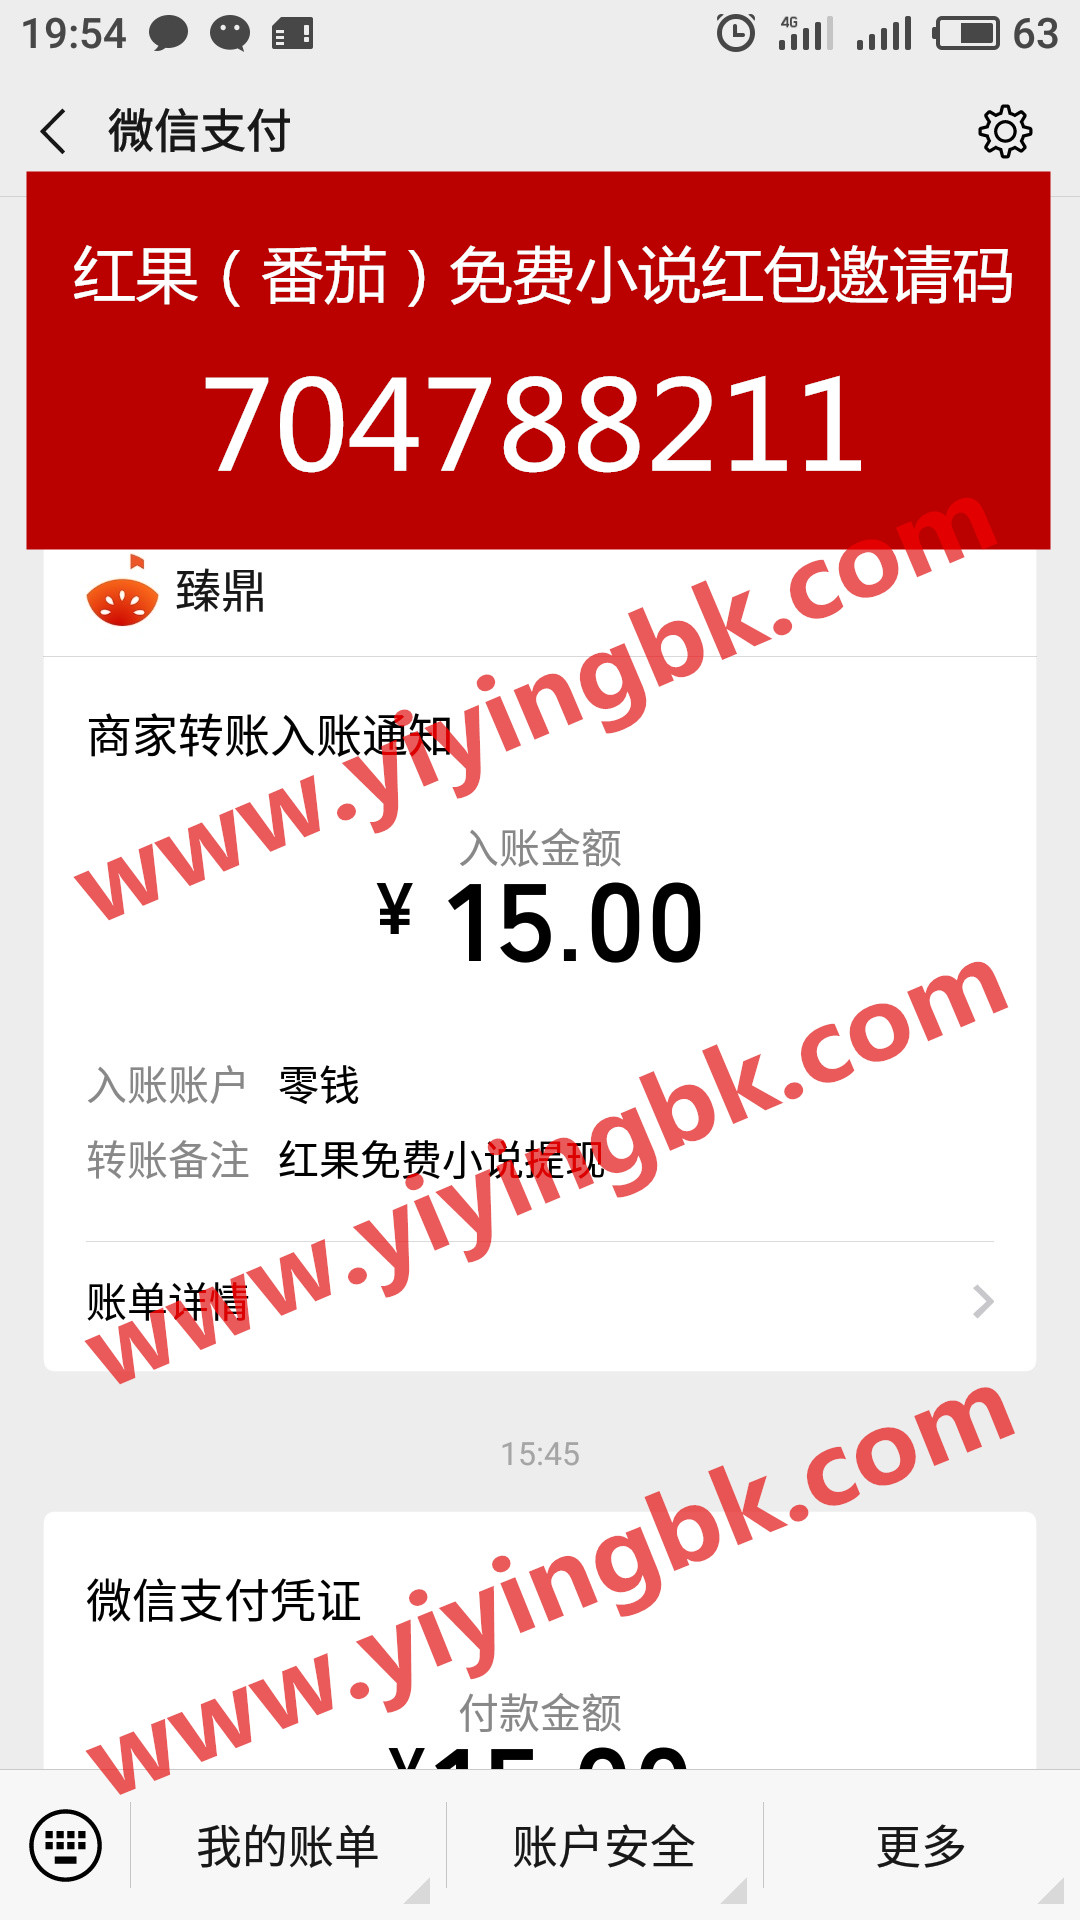 全免费看小说领红包赚零花钱,微信提现15元极速到账。www.yiyingbk.com